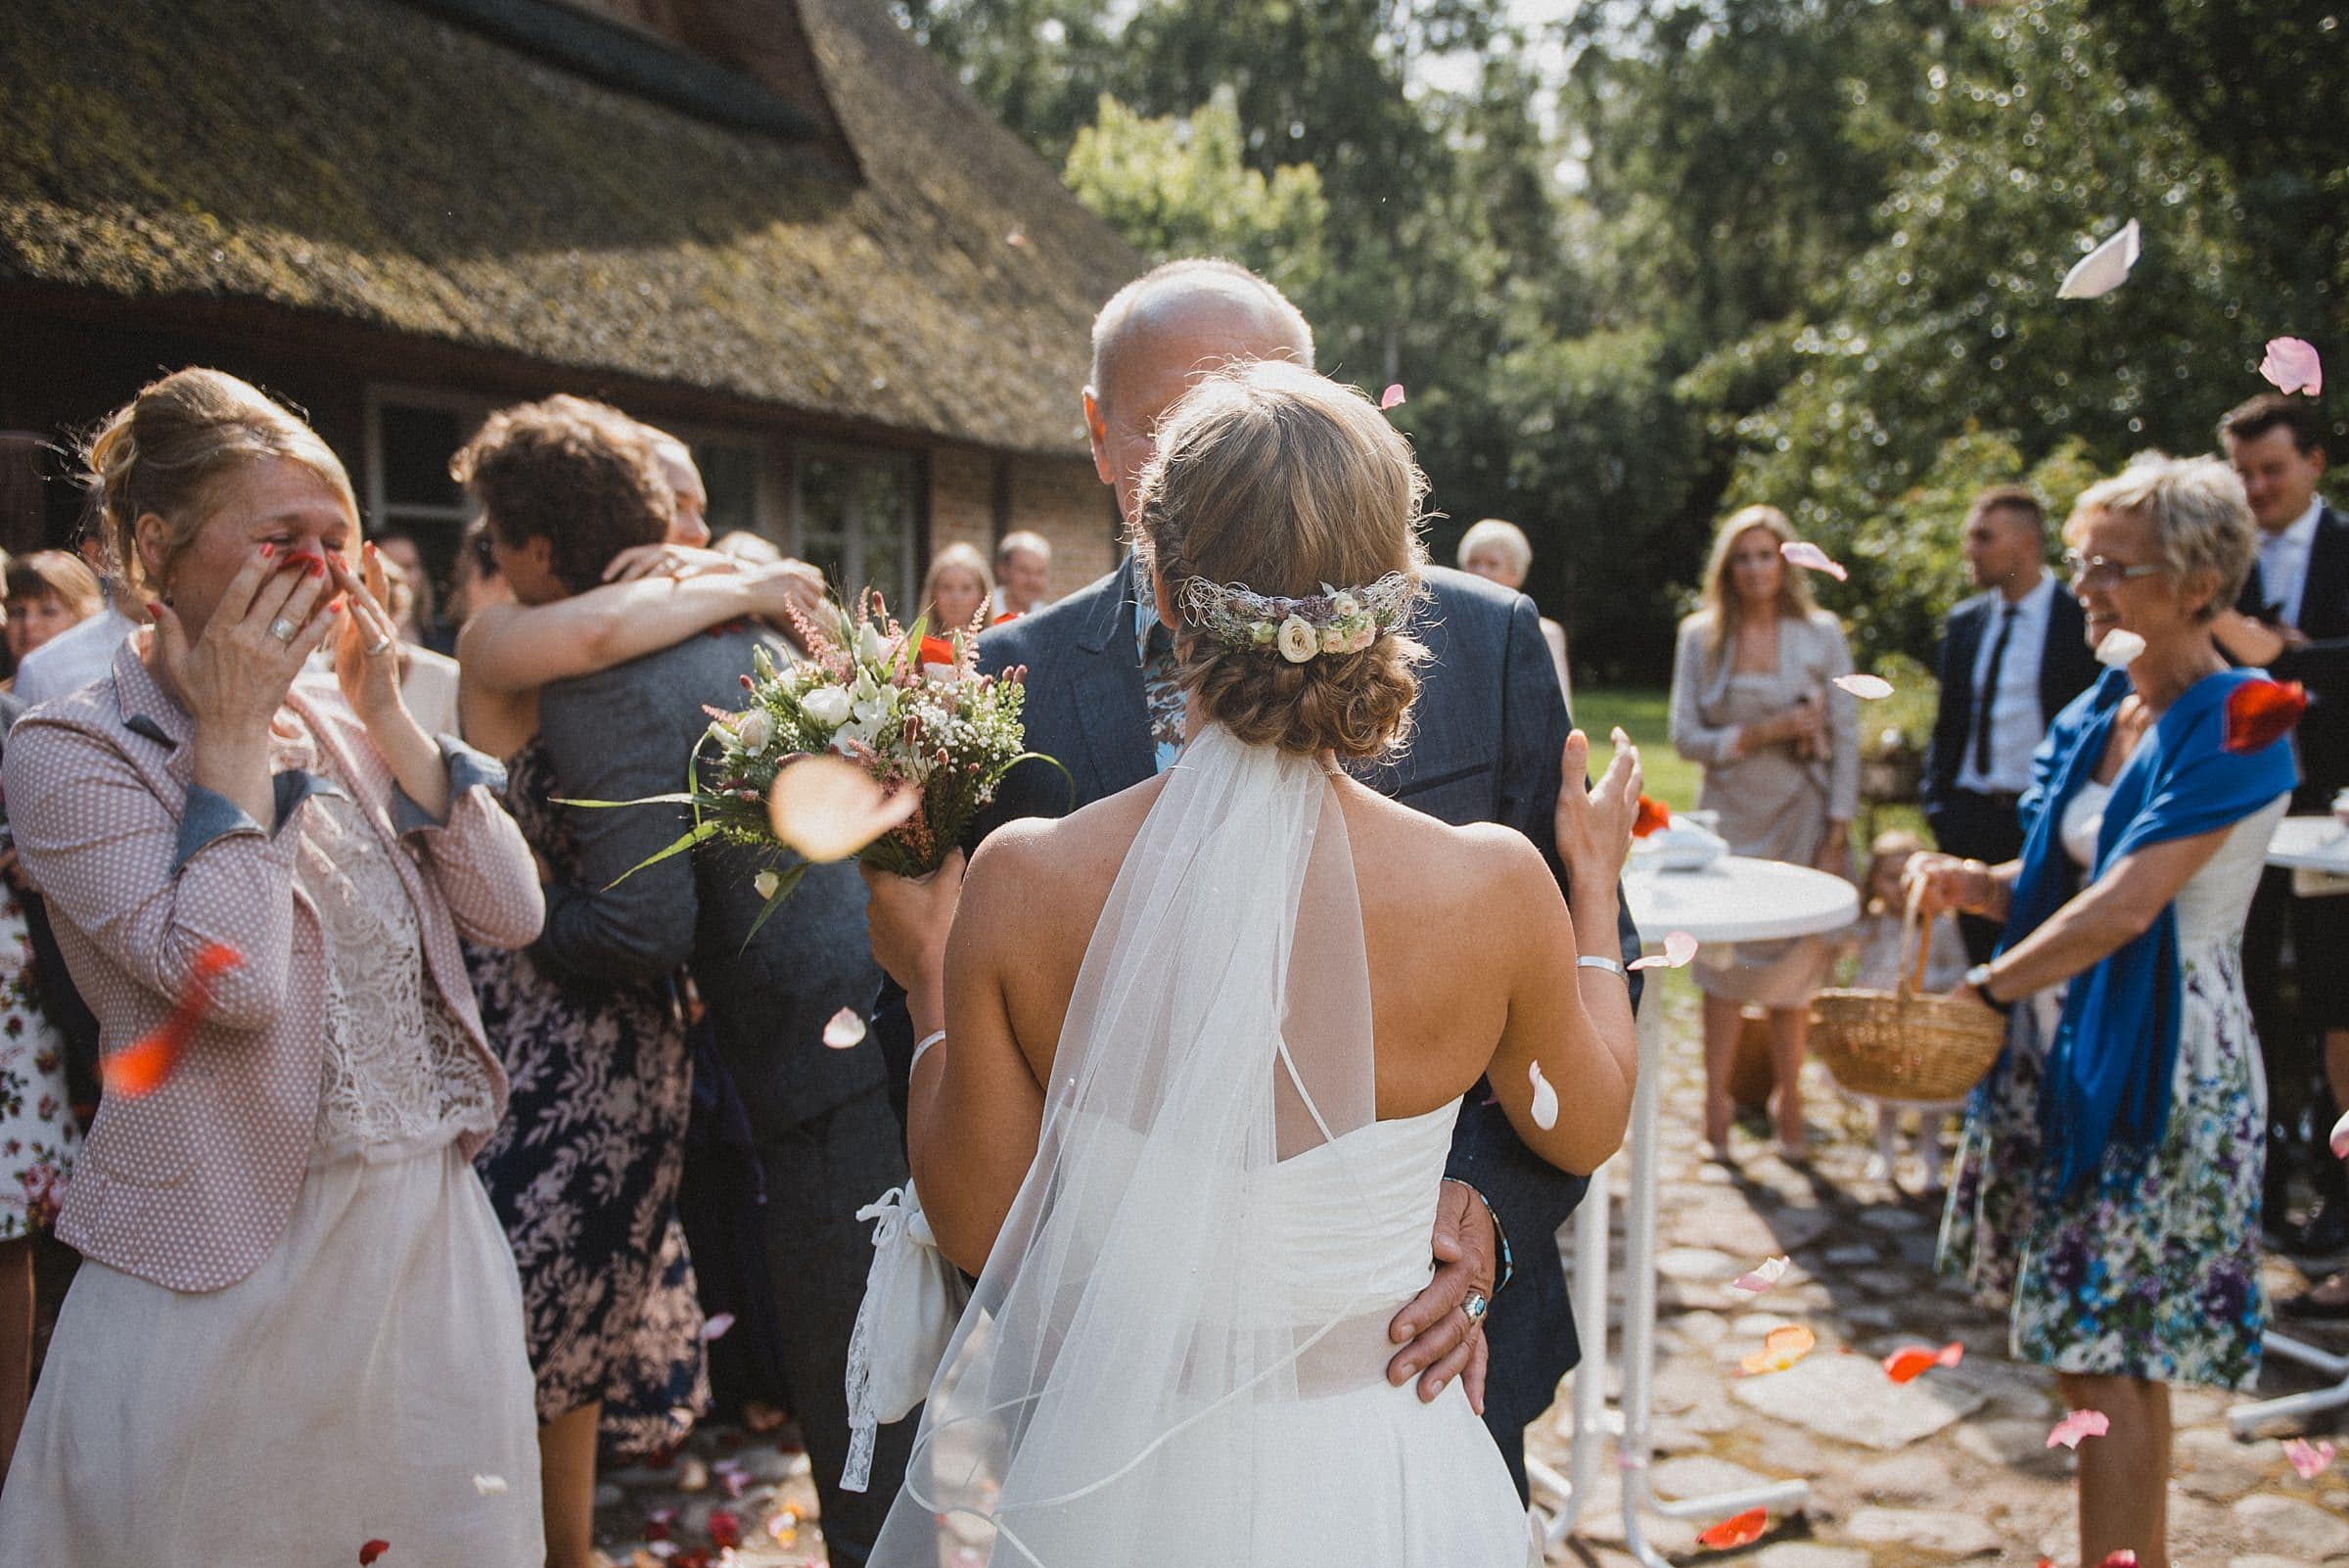 Hochzeitsfotografie-Frau-Siemers-Hof Weihe-Gratulation Brautpaar-Brautmutter weint